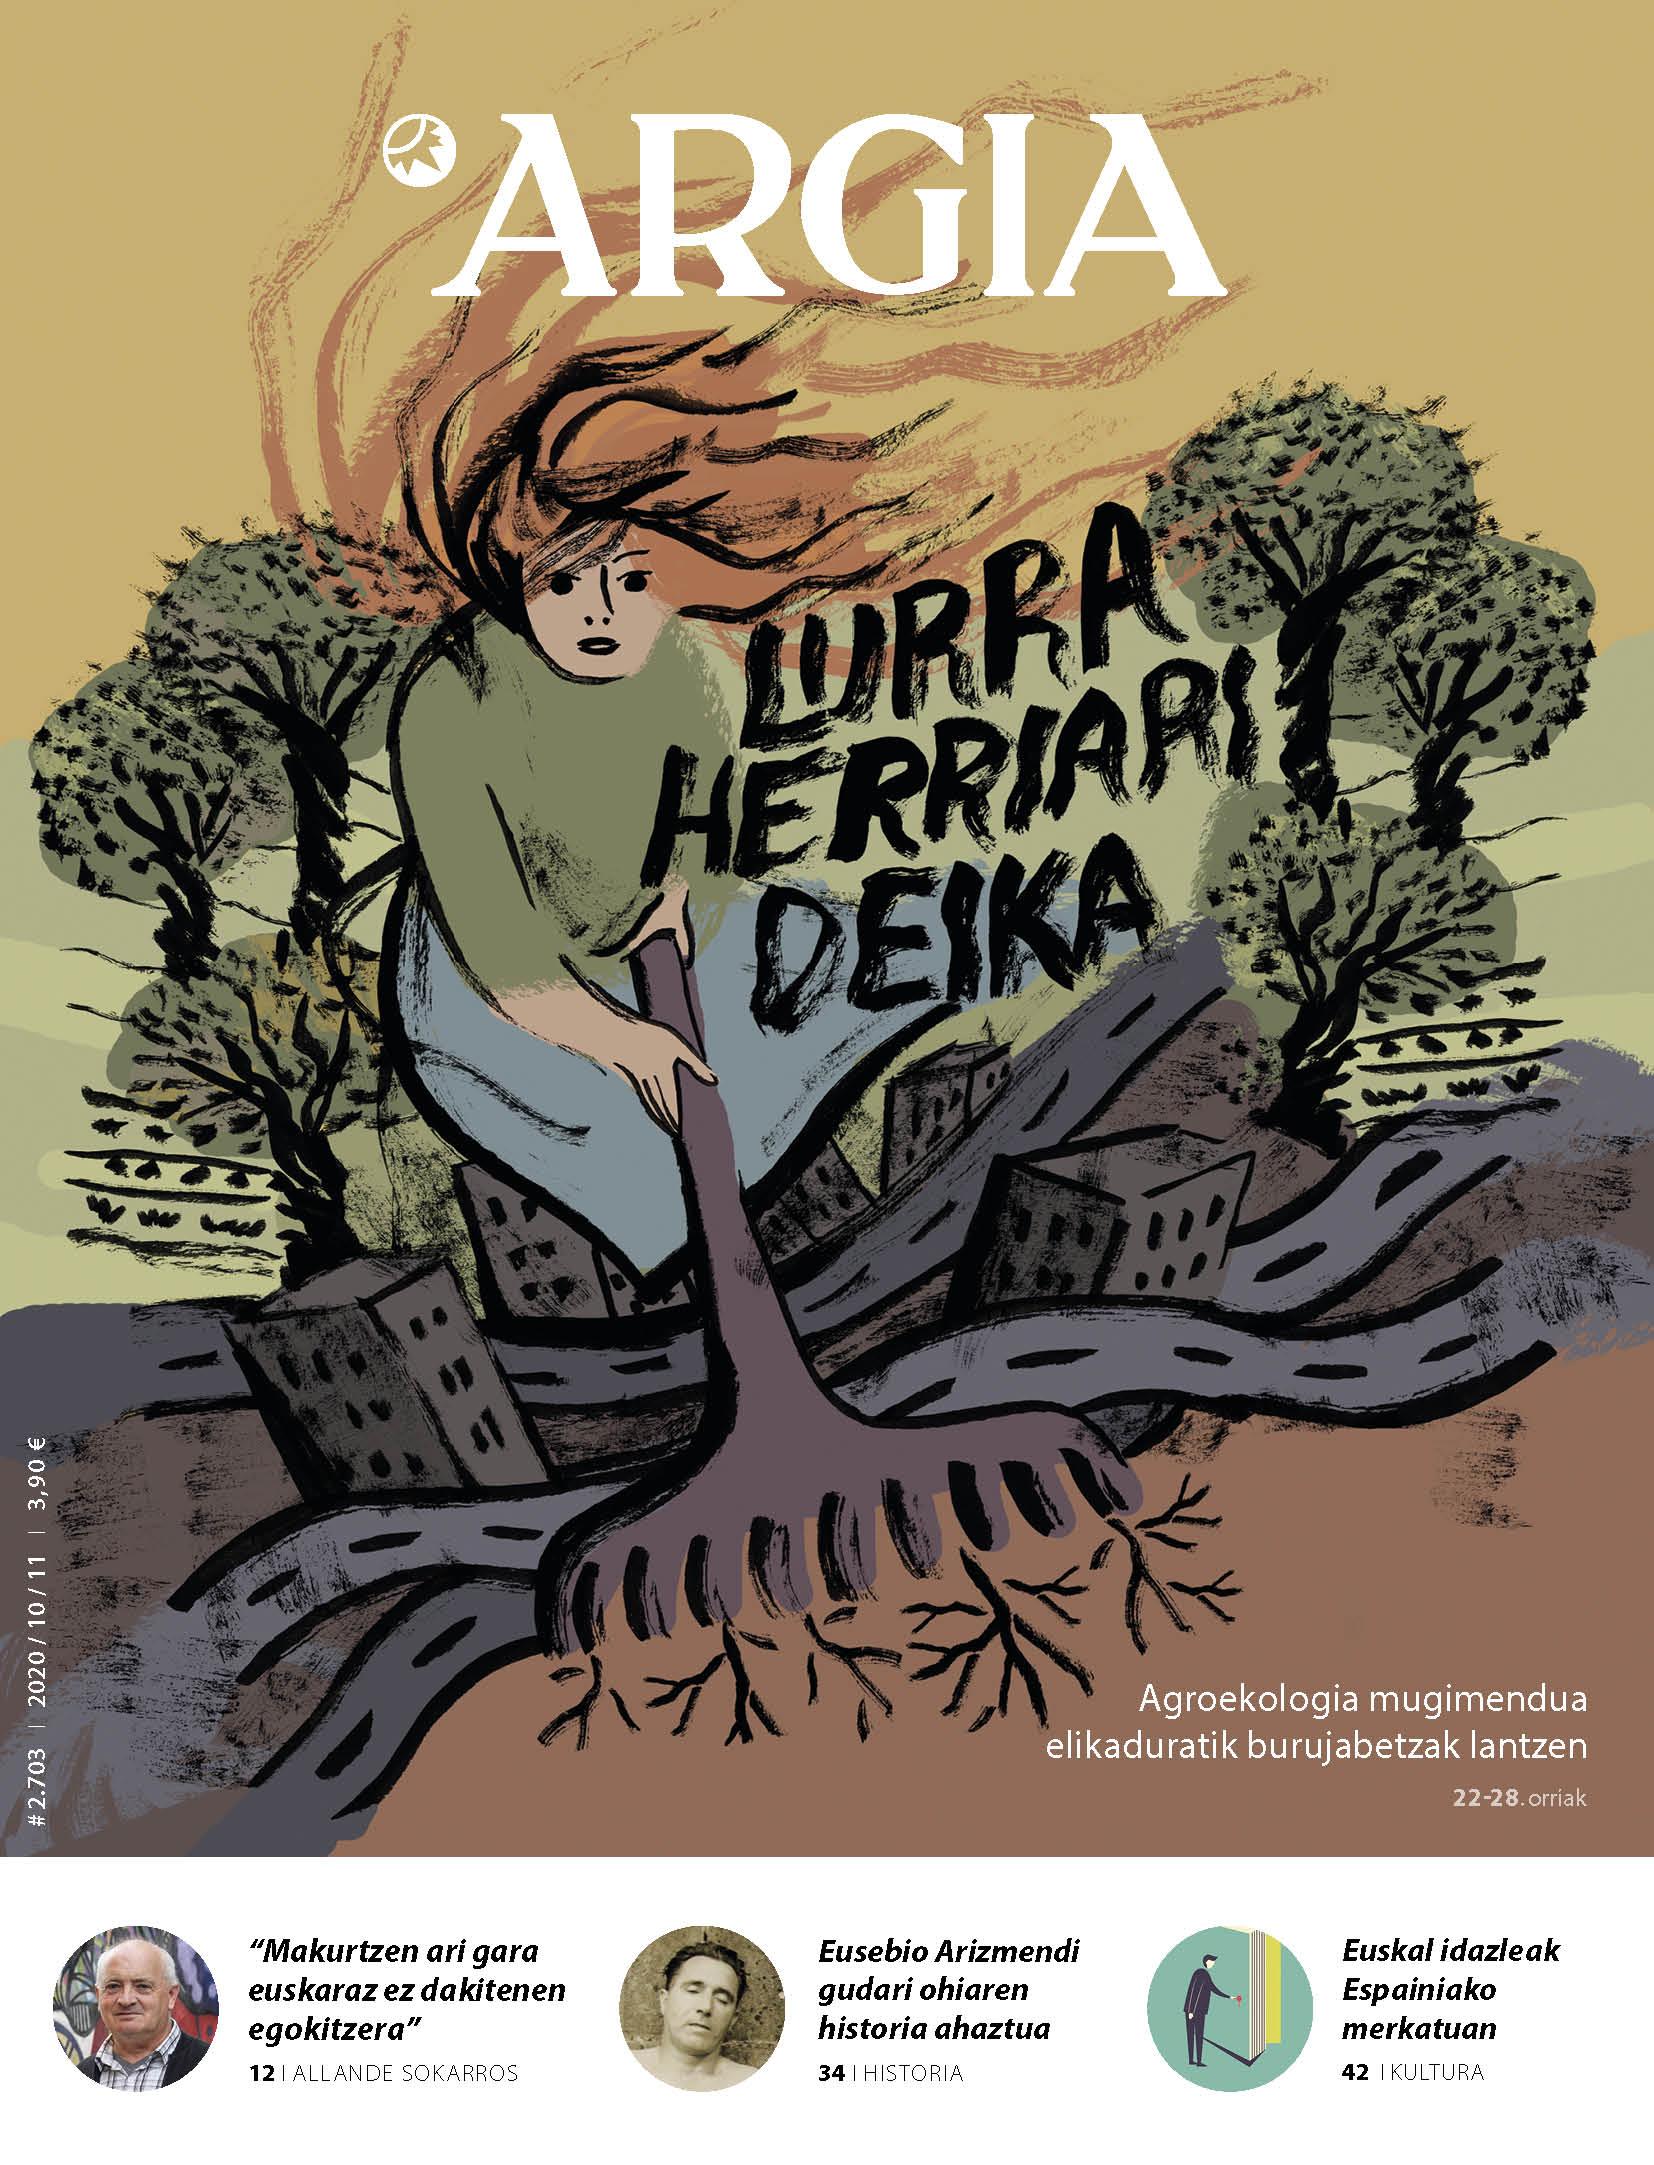 ARGIA AURRERAPENA | Lurra herriari deika, euskal idazleak Espainiako merkatuan, eta Pantx Records kolektiboa